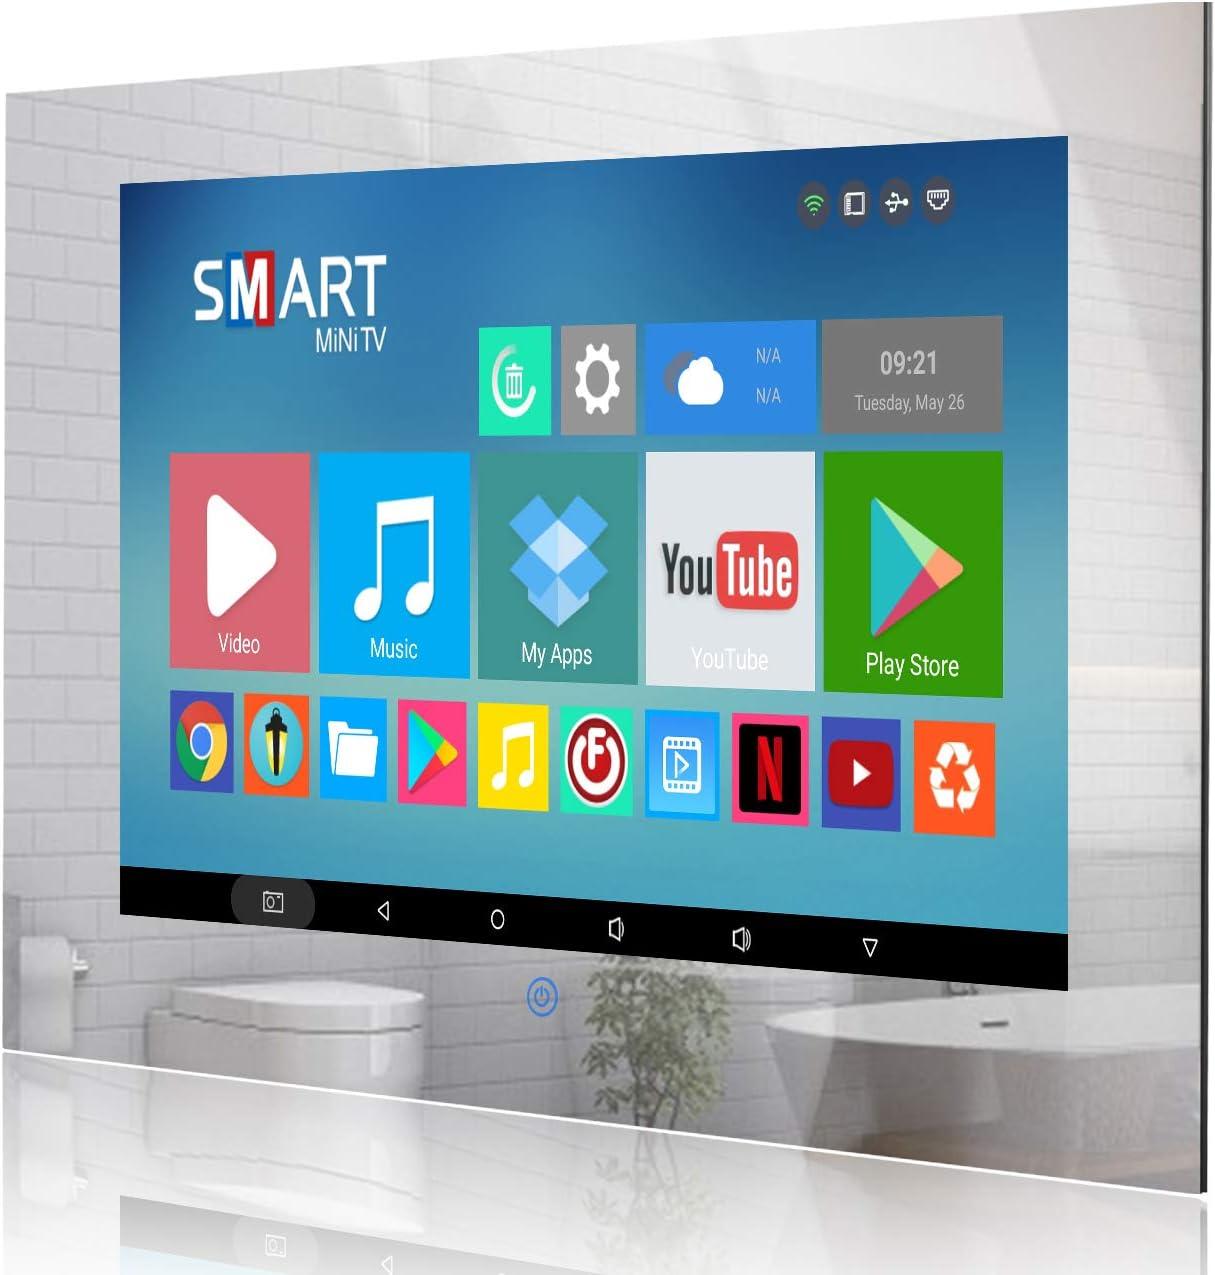 Haocrown Smart TV LED para baño IP66 Impermeable Sistema Android Televisor con Pantalla táctil y Wi-Fi Incorporado (27 Pulgadas, Blanco): Amazon.es: Electrónica